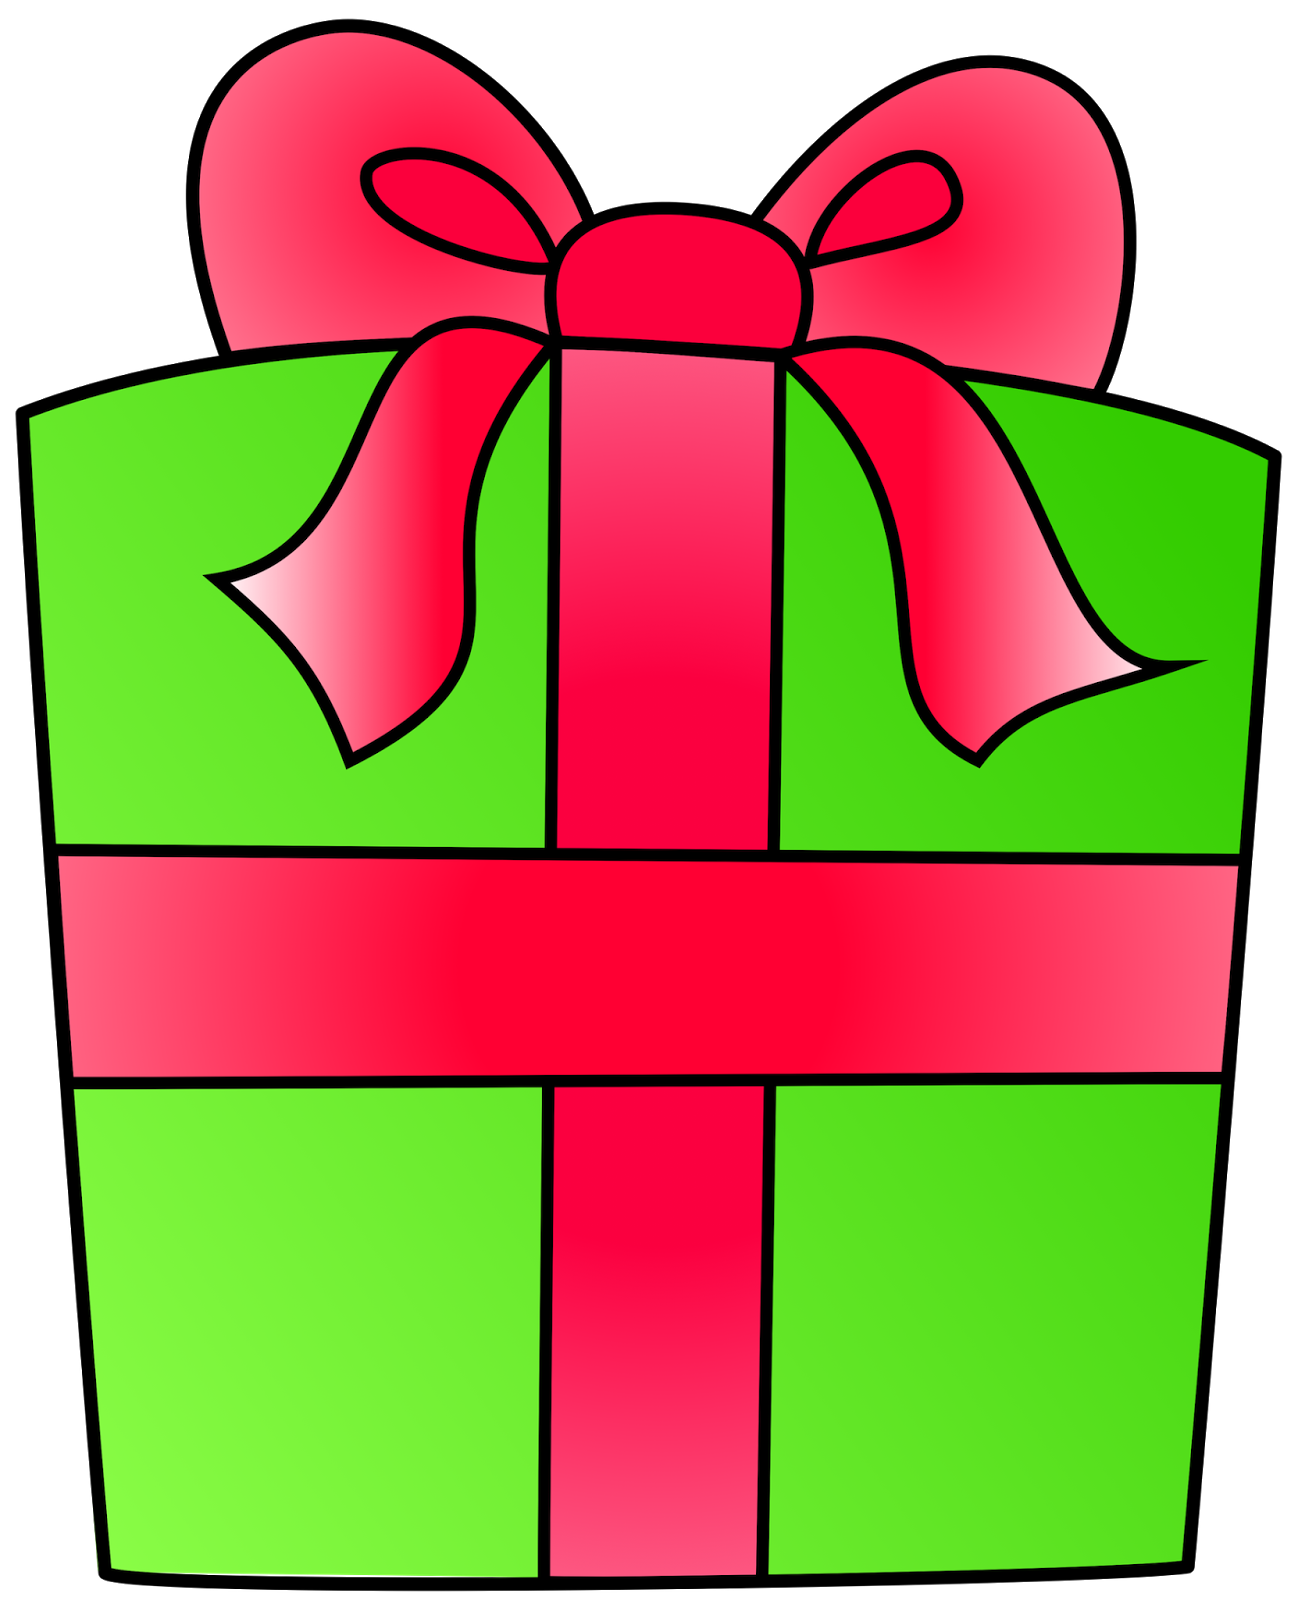 Clipart present clip art transparent download Free Present Cliparts, Download Free Clip Art, Free Clip Art on ... clip art transparent download